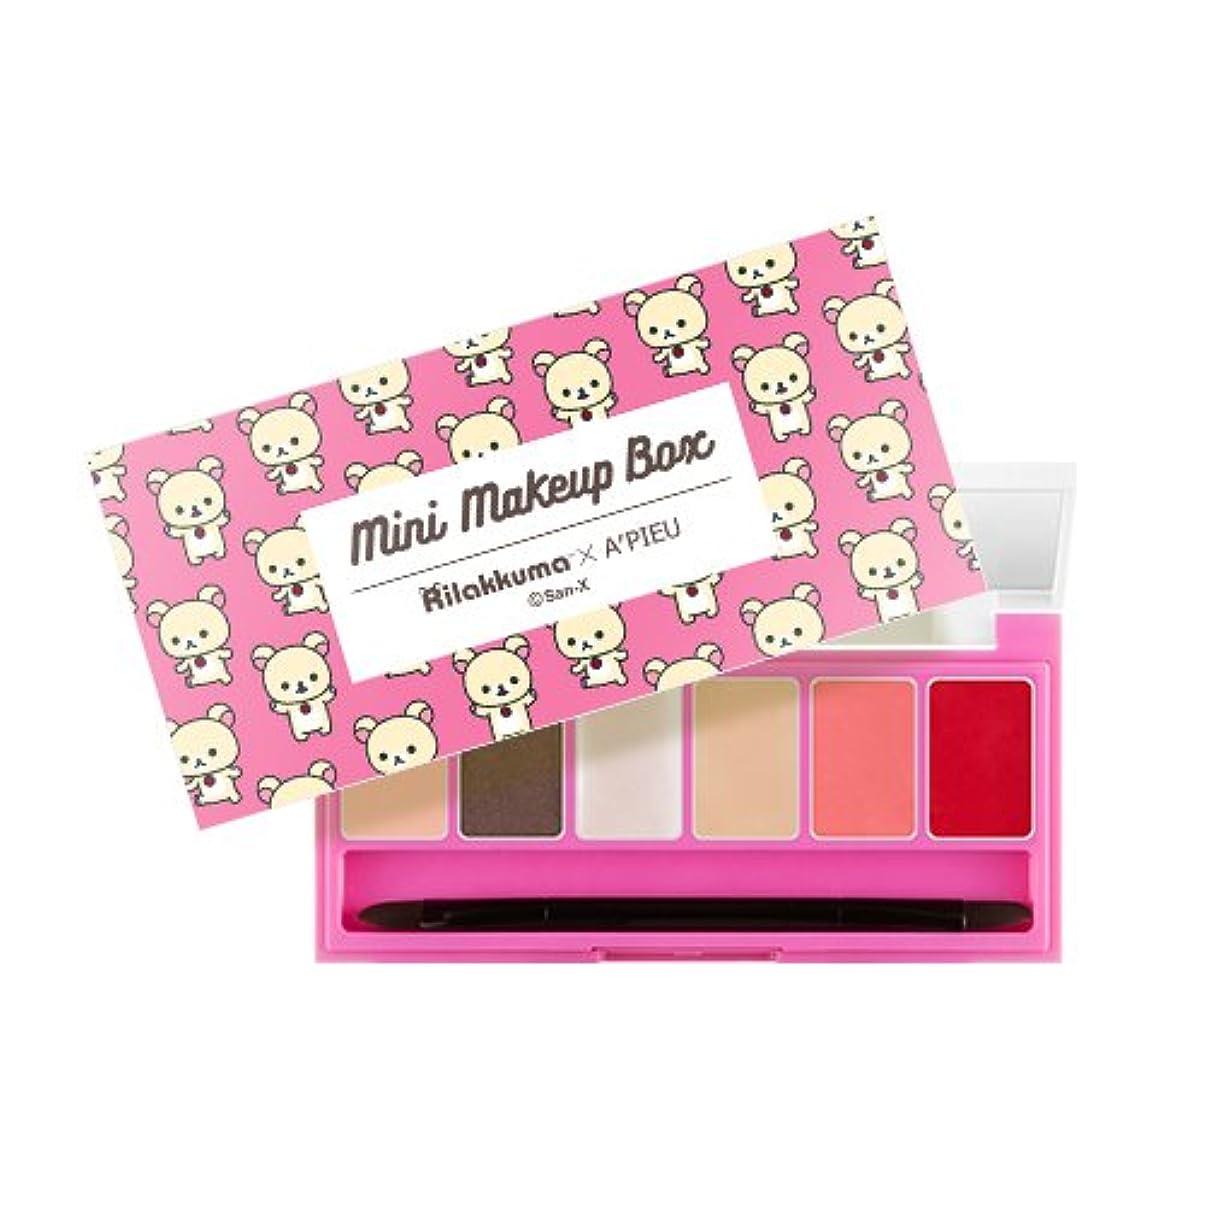 訪問ラフ睡眠再現するAPIEU(オピュ) リラックマ ミニ メイクアップ ボックス/Rilakkuma Mini Makeup box (2号) [並行輸入品]